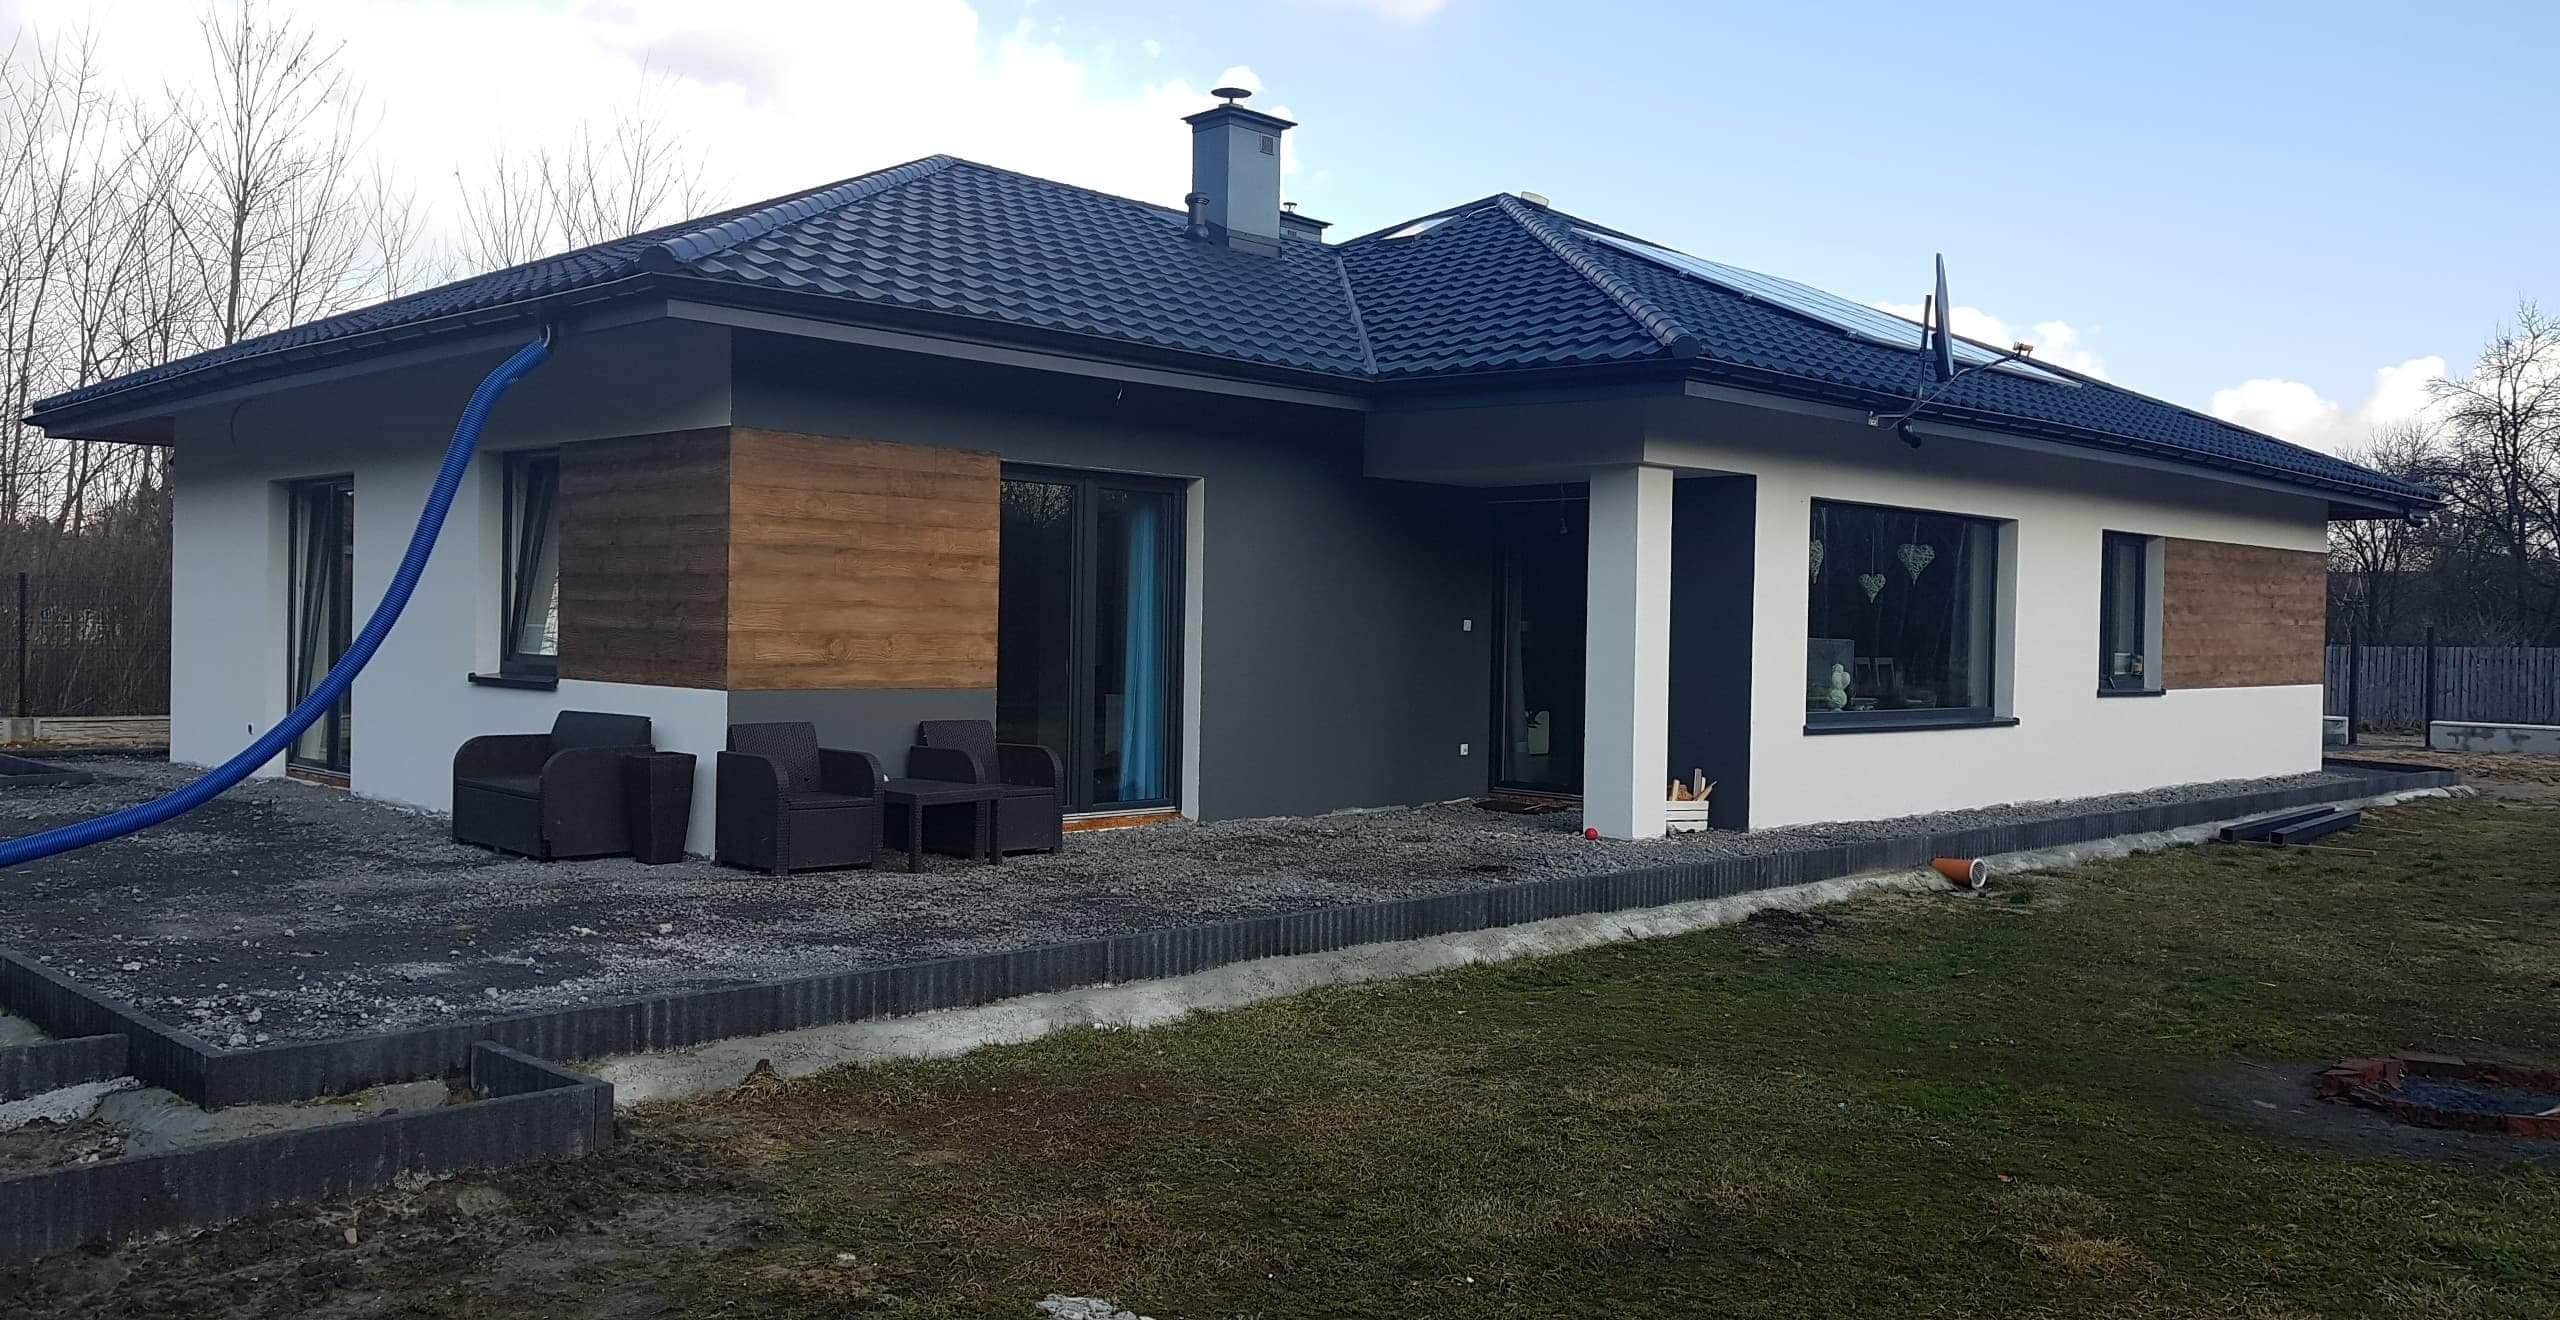 budowa domów domy od podstaw